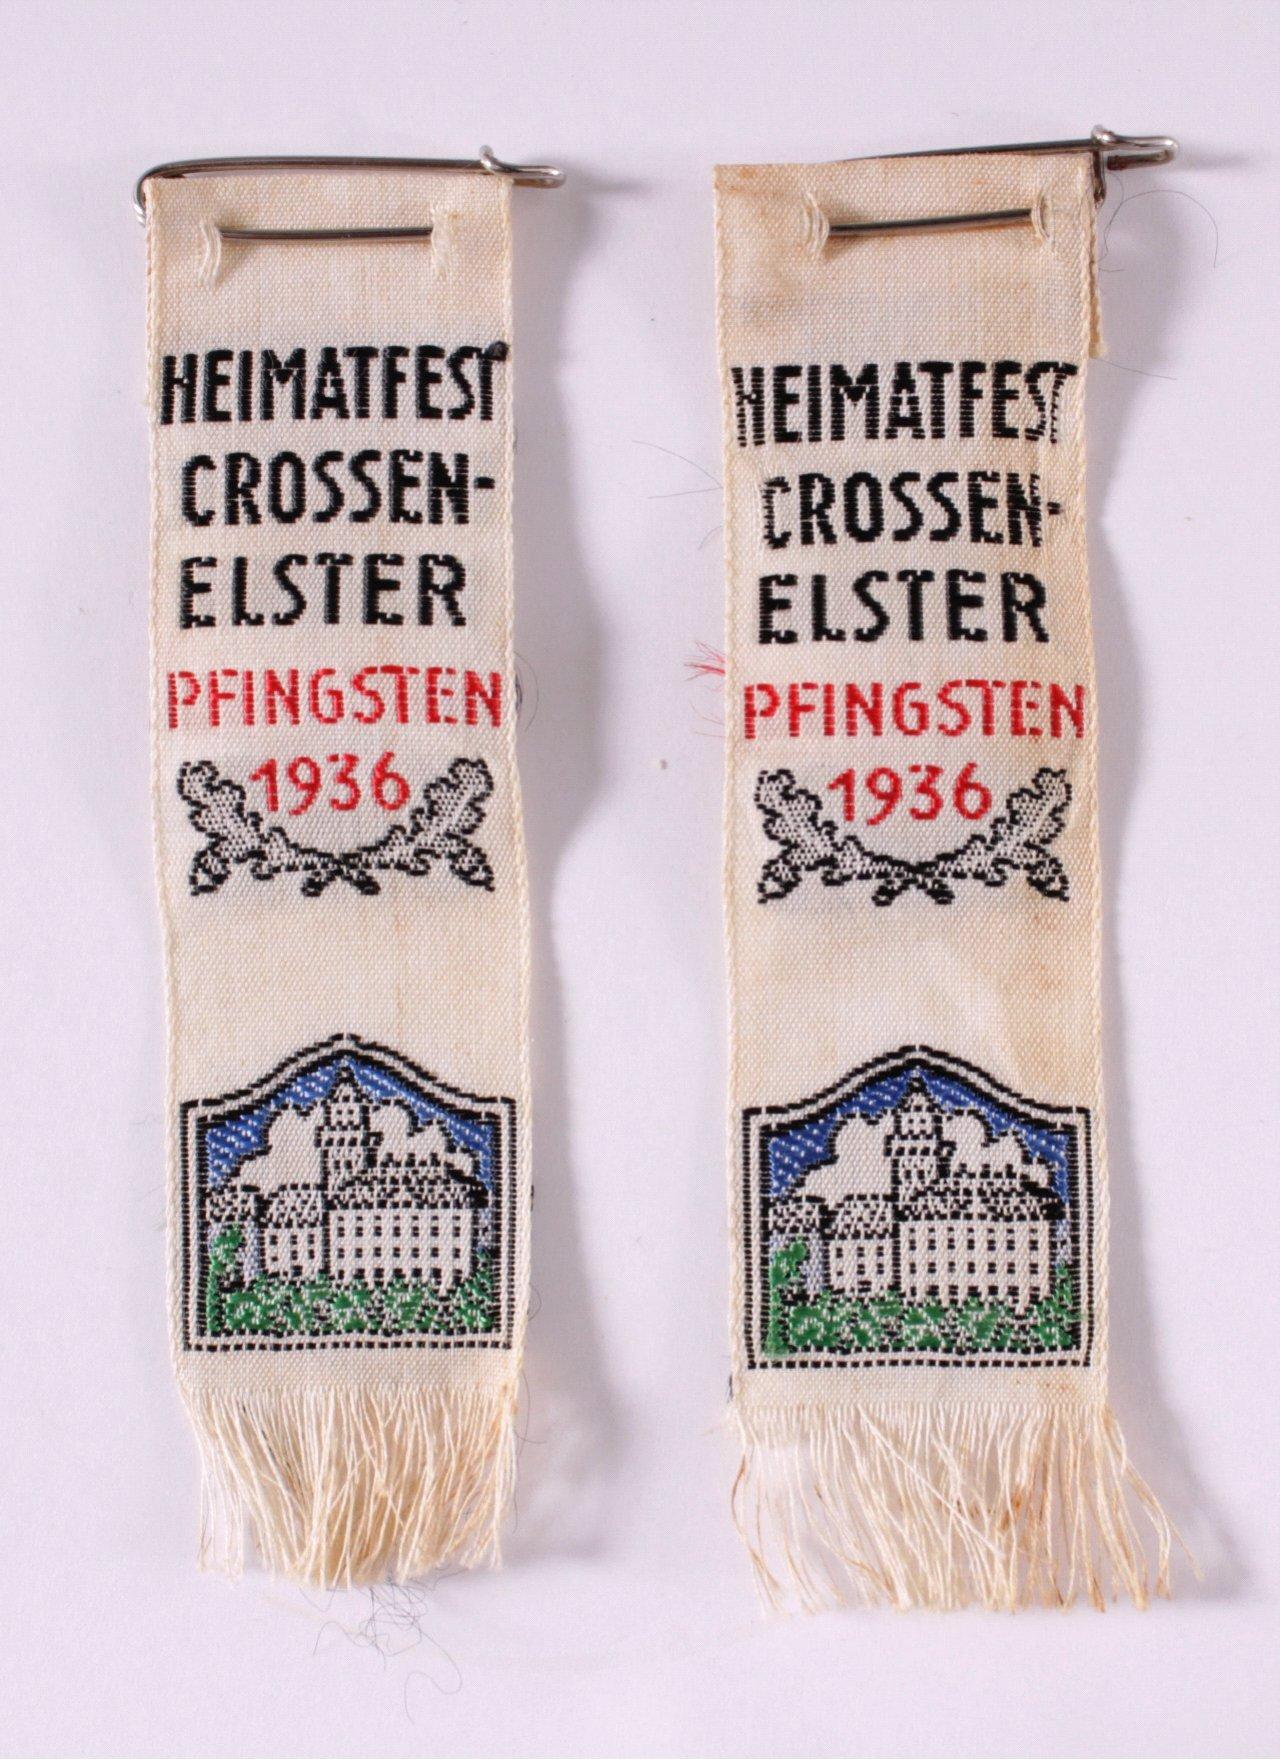 2 Seidenbänder Heimatfest Crossen-Elster, Pfingsten 1936